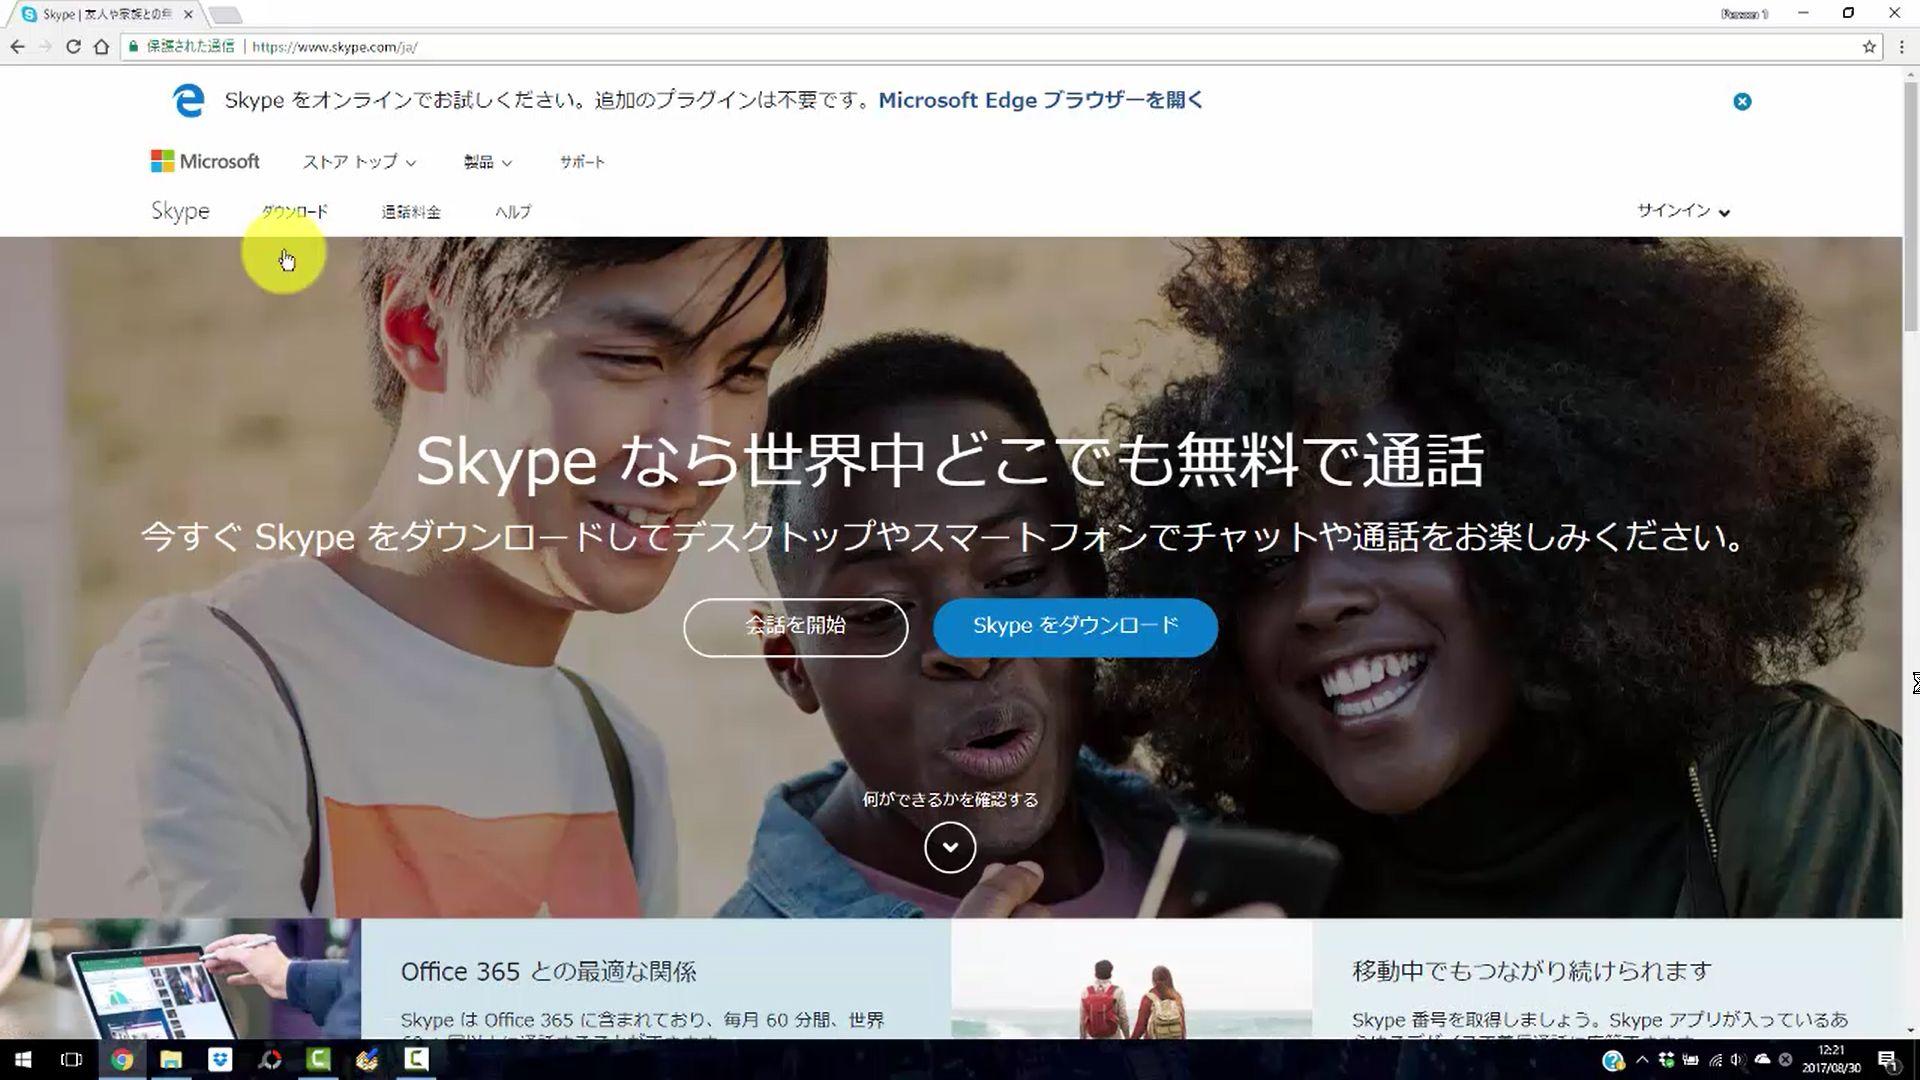 Skype(スカイプ)のインストール&アカウント作成・設定手順とは